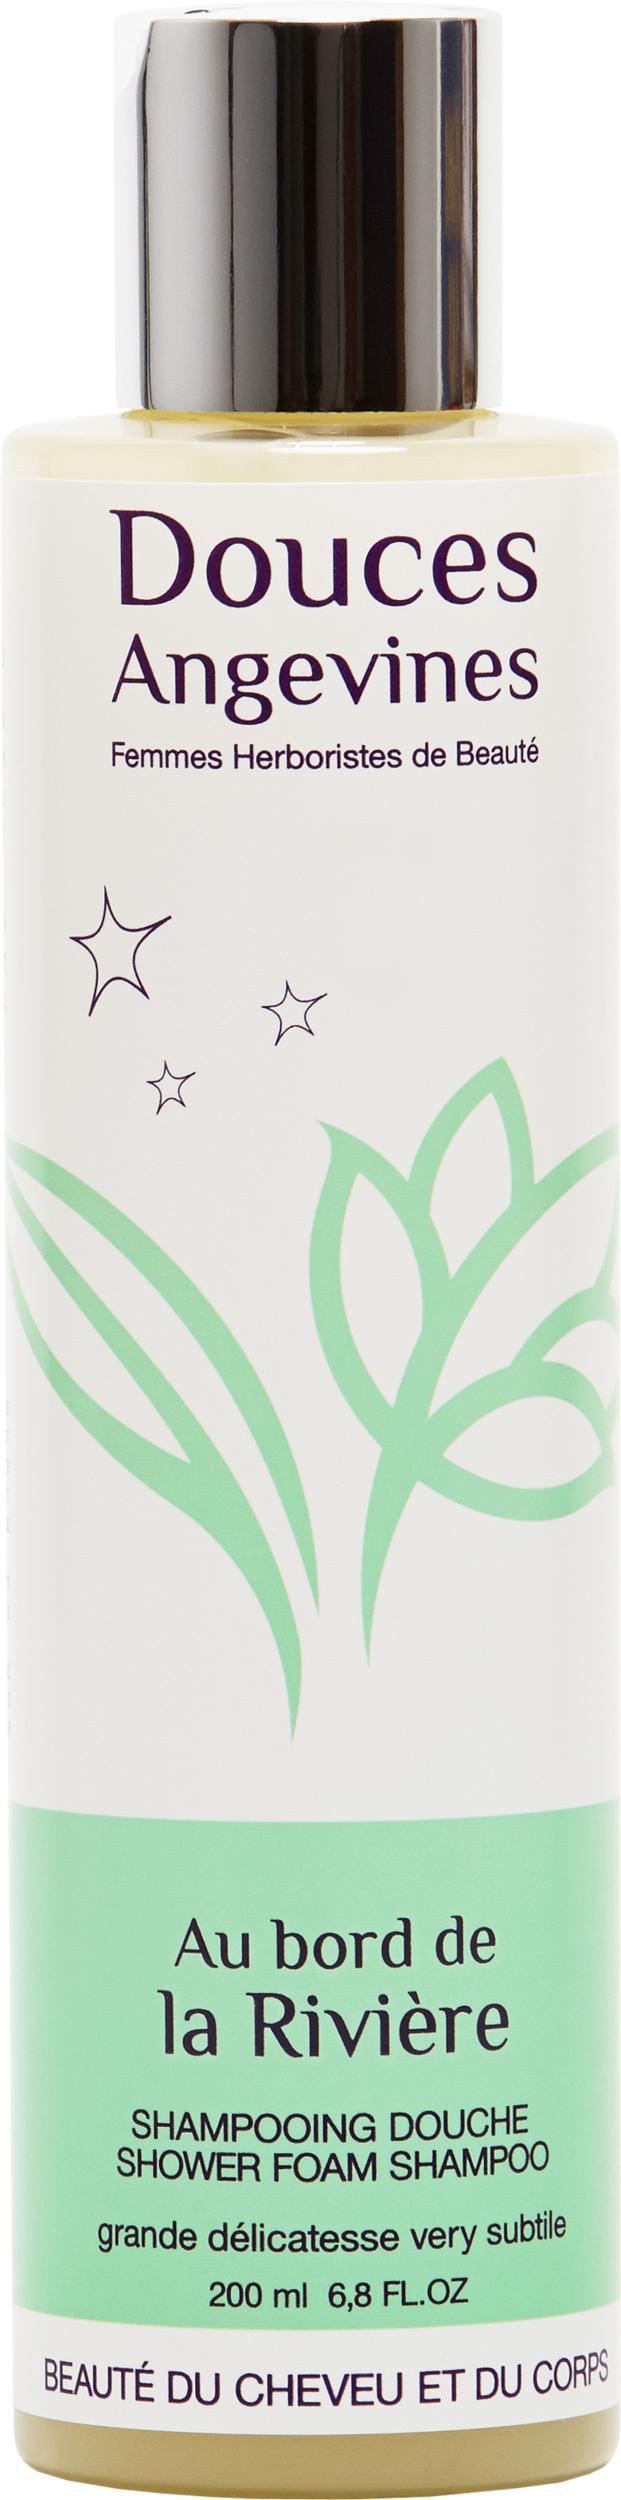 Doux Good - Douces angevines - Au bord de la rivière, shampoing douche bio